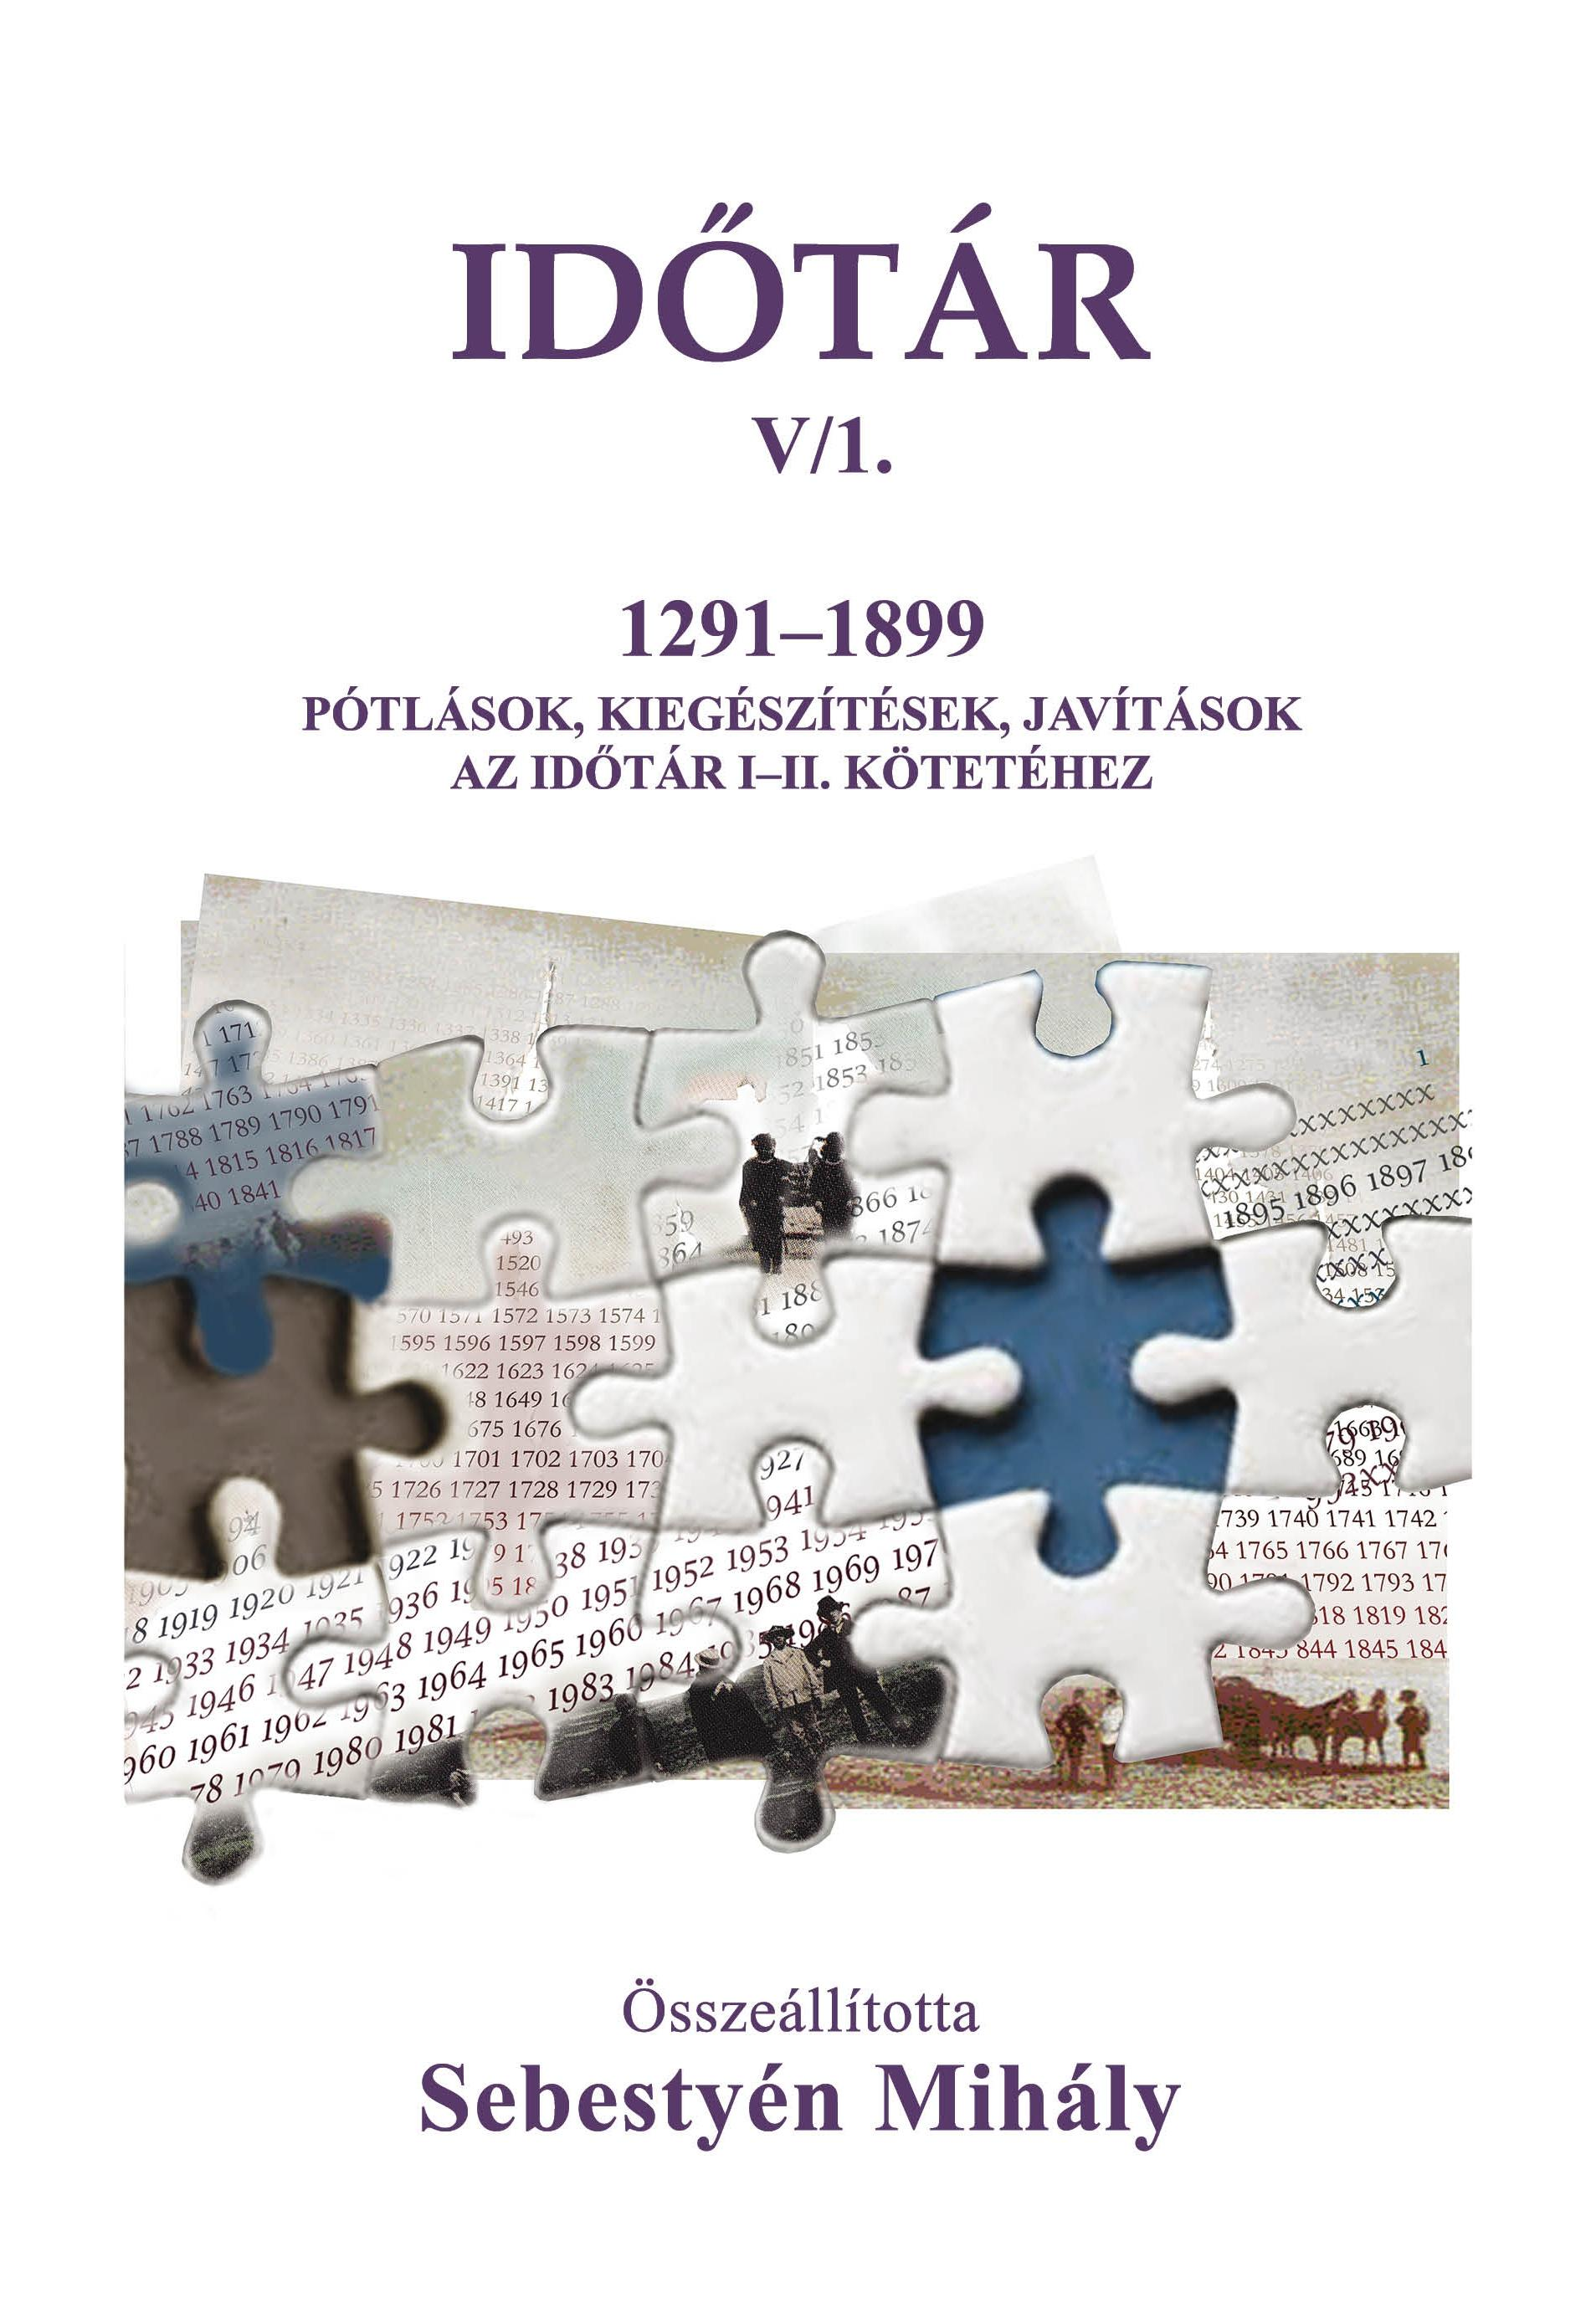 IDŐTÁR V/1. 1291-1899 PÓTLÁSOK, KIEGÉSZÍTÉSEK, JAVÍTÁSOK AZ IDŐTÁR I-II. KÖTETÉH